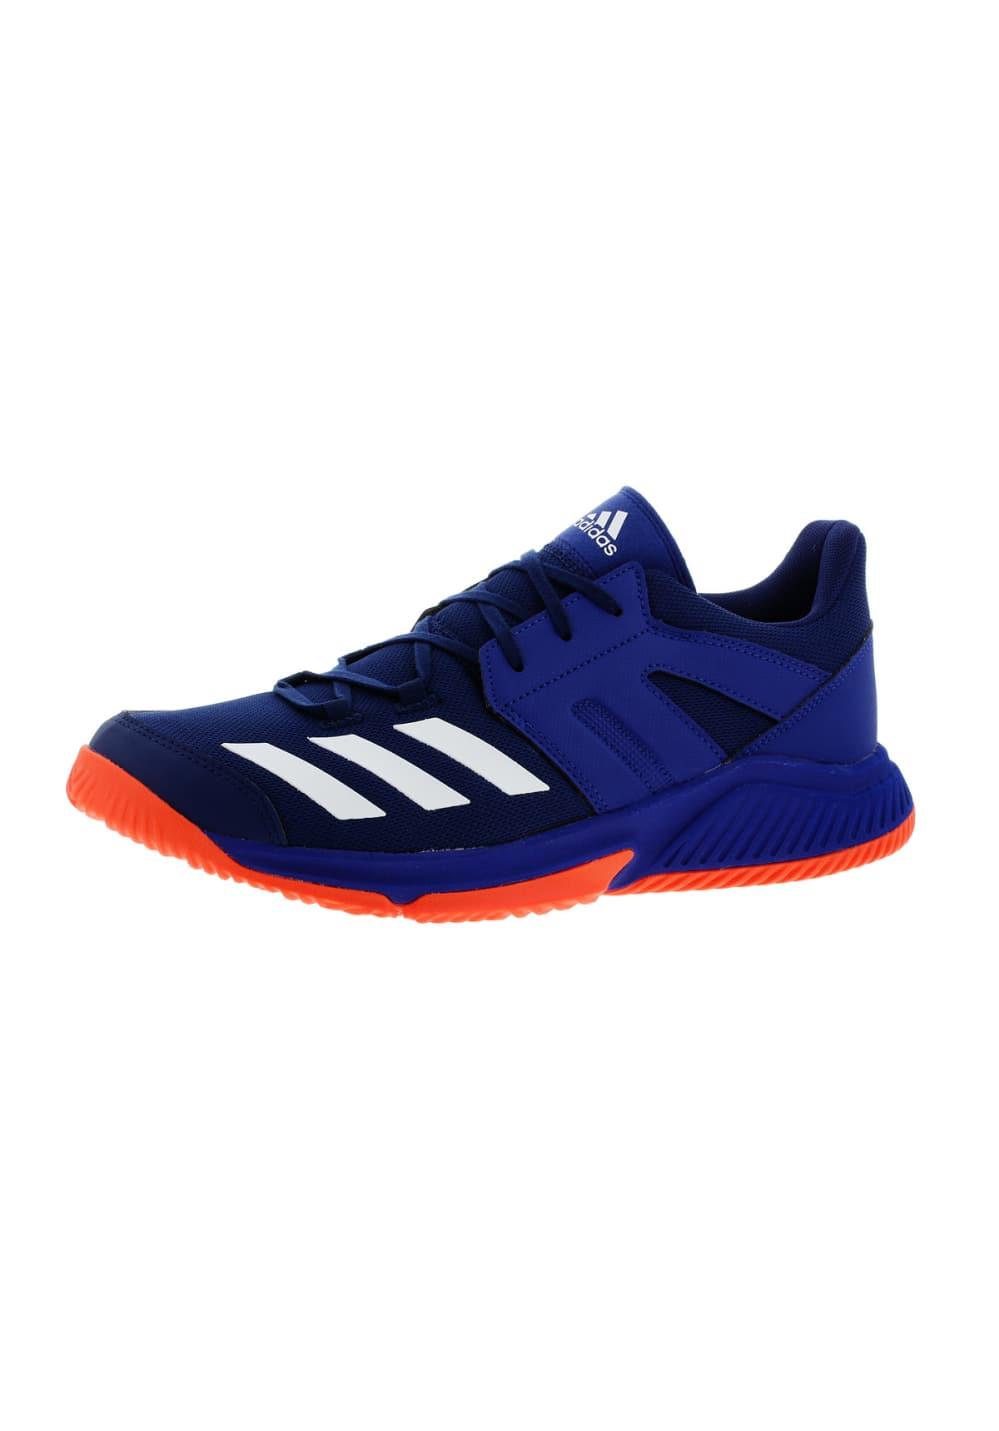 new concept 50ca2 54c20 adidas Stabil Essence - Handballschuhe für Herren - Blau   21RUN